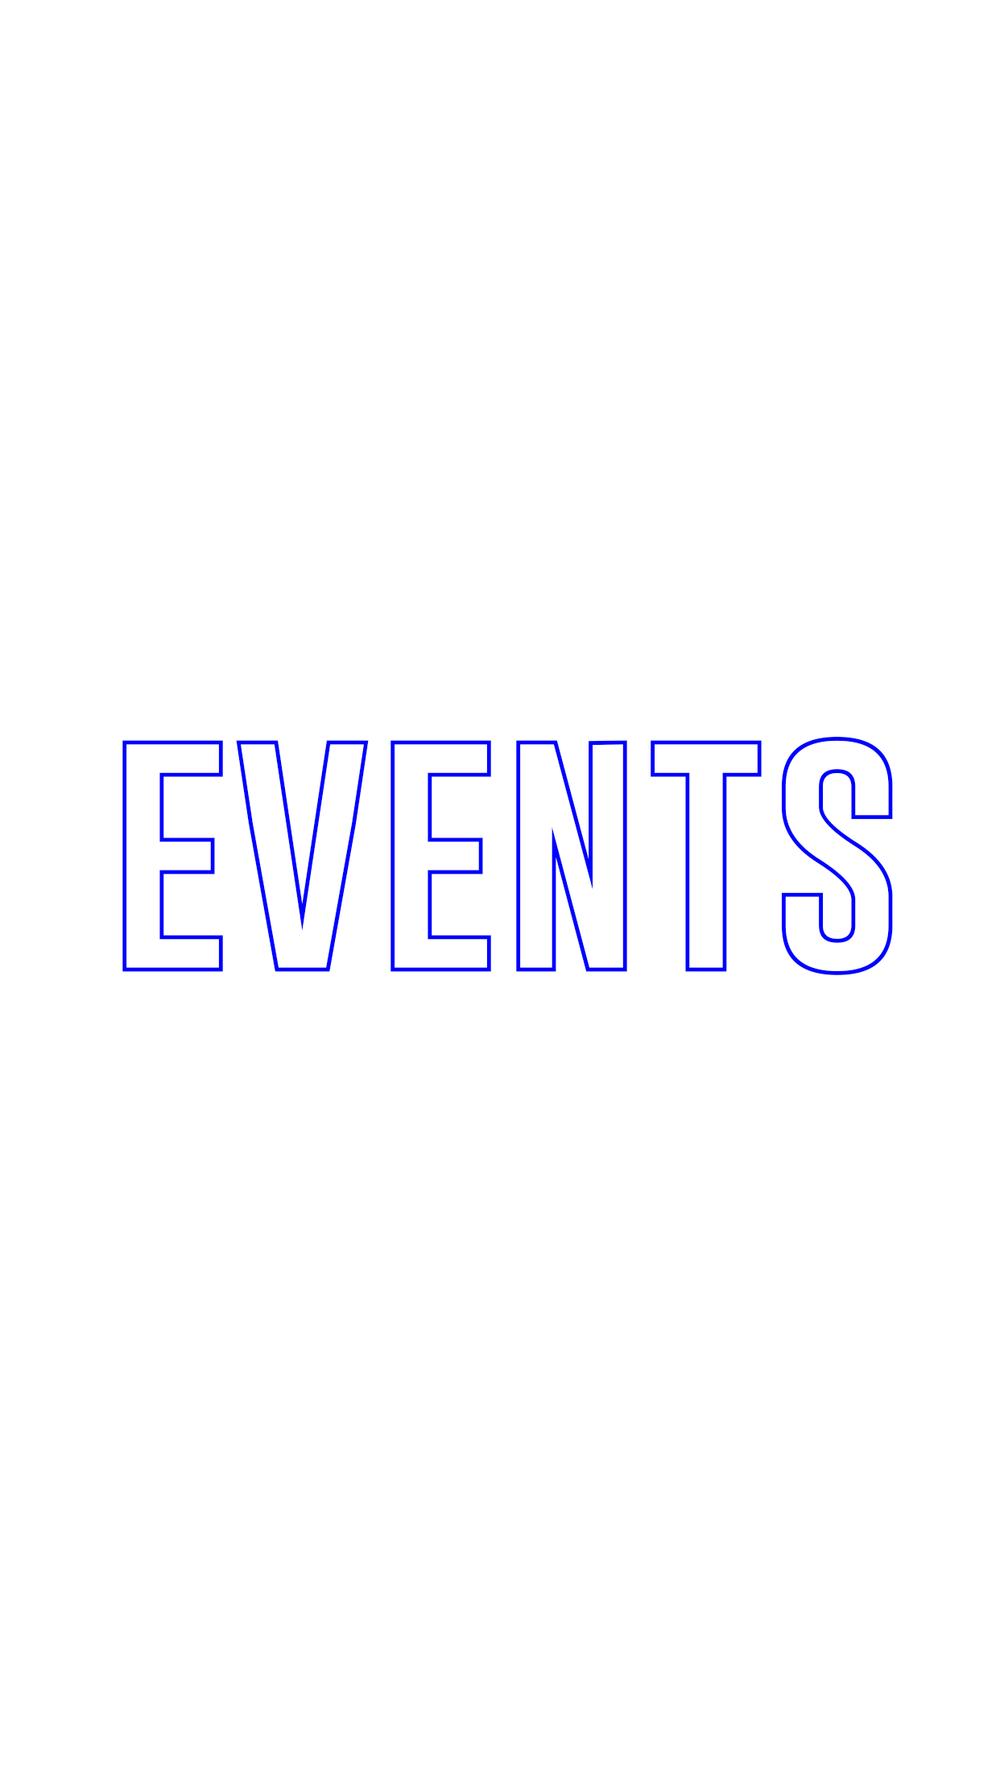 eventsArtboard-1.png